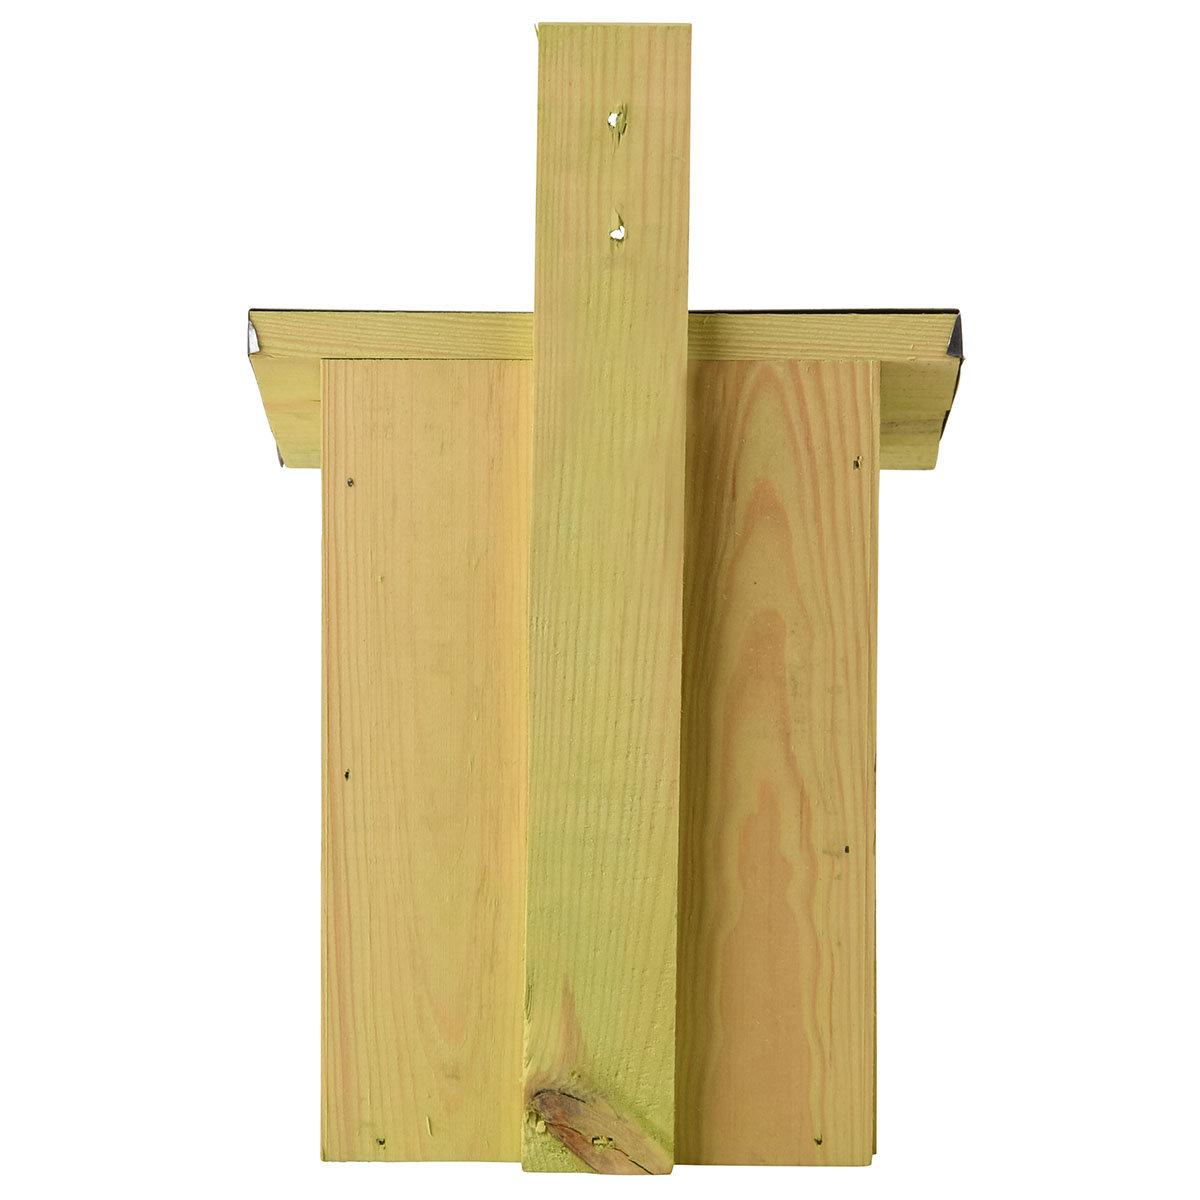 Nistkasten Rotkehlchen mit Zinkdach, ca. 21 x 19 x 33 cm | #3